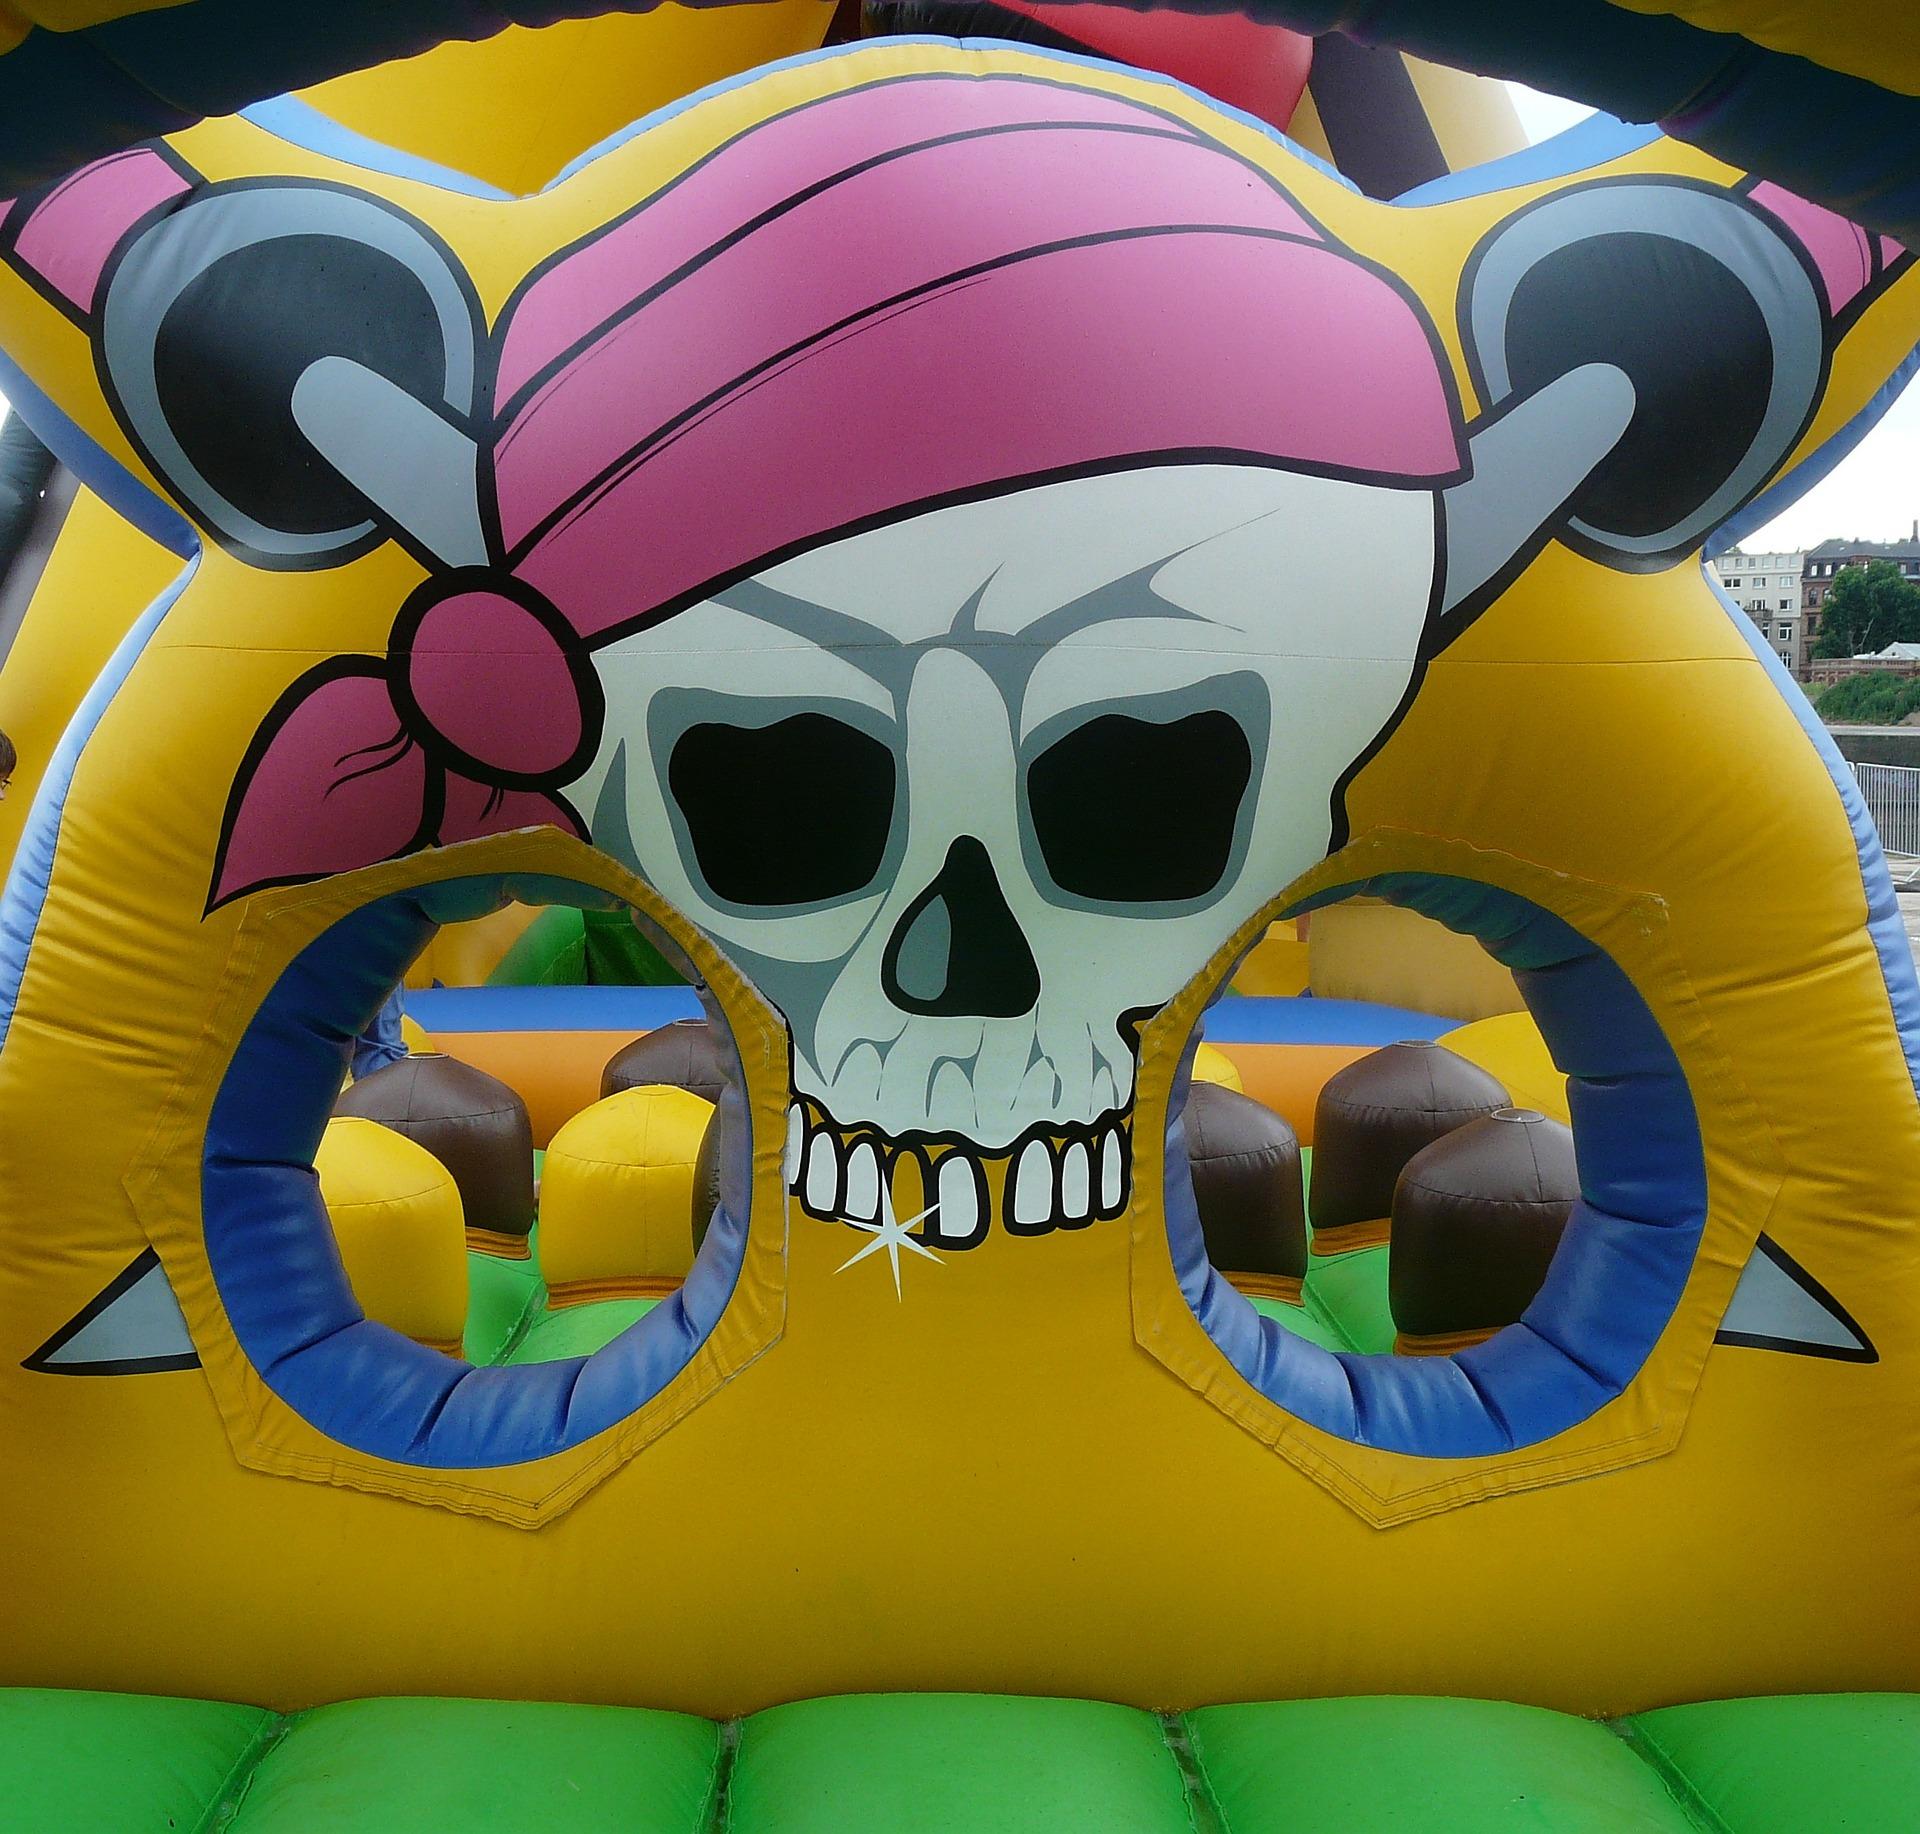 bouncy-castle-442909_1920